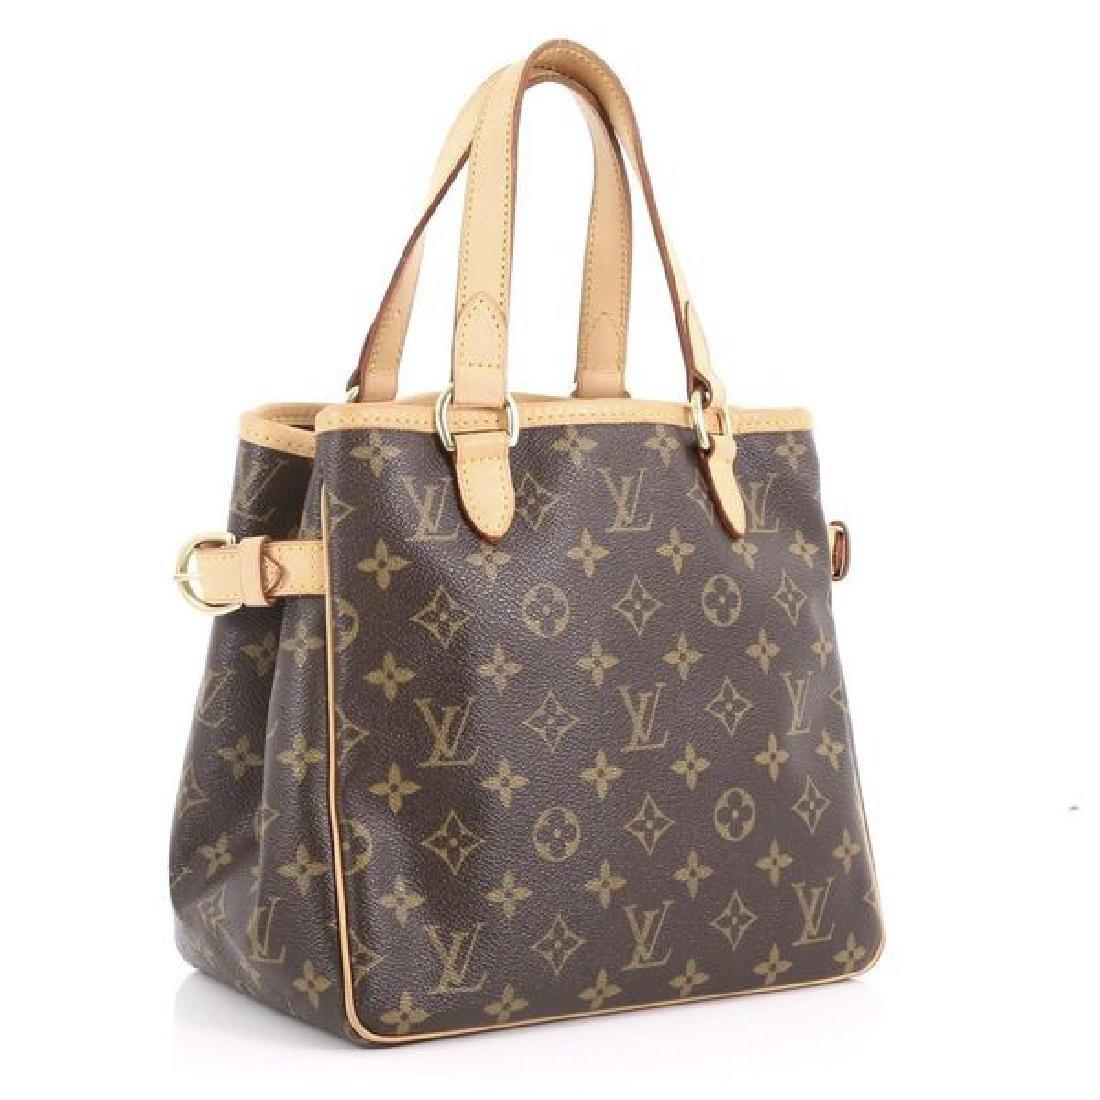 844e5f673ee Louis Vuitton Batignolles Handbag Monogram LV Bag